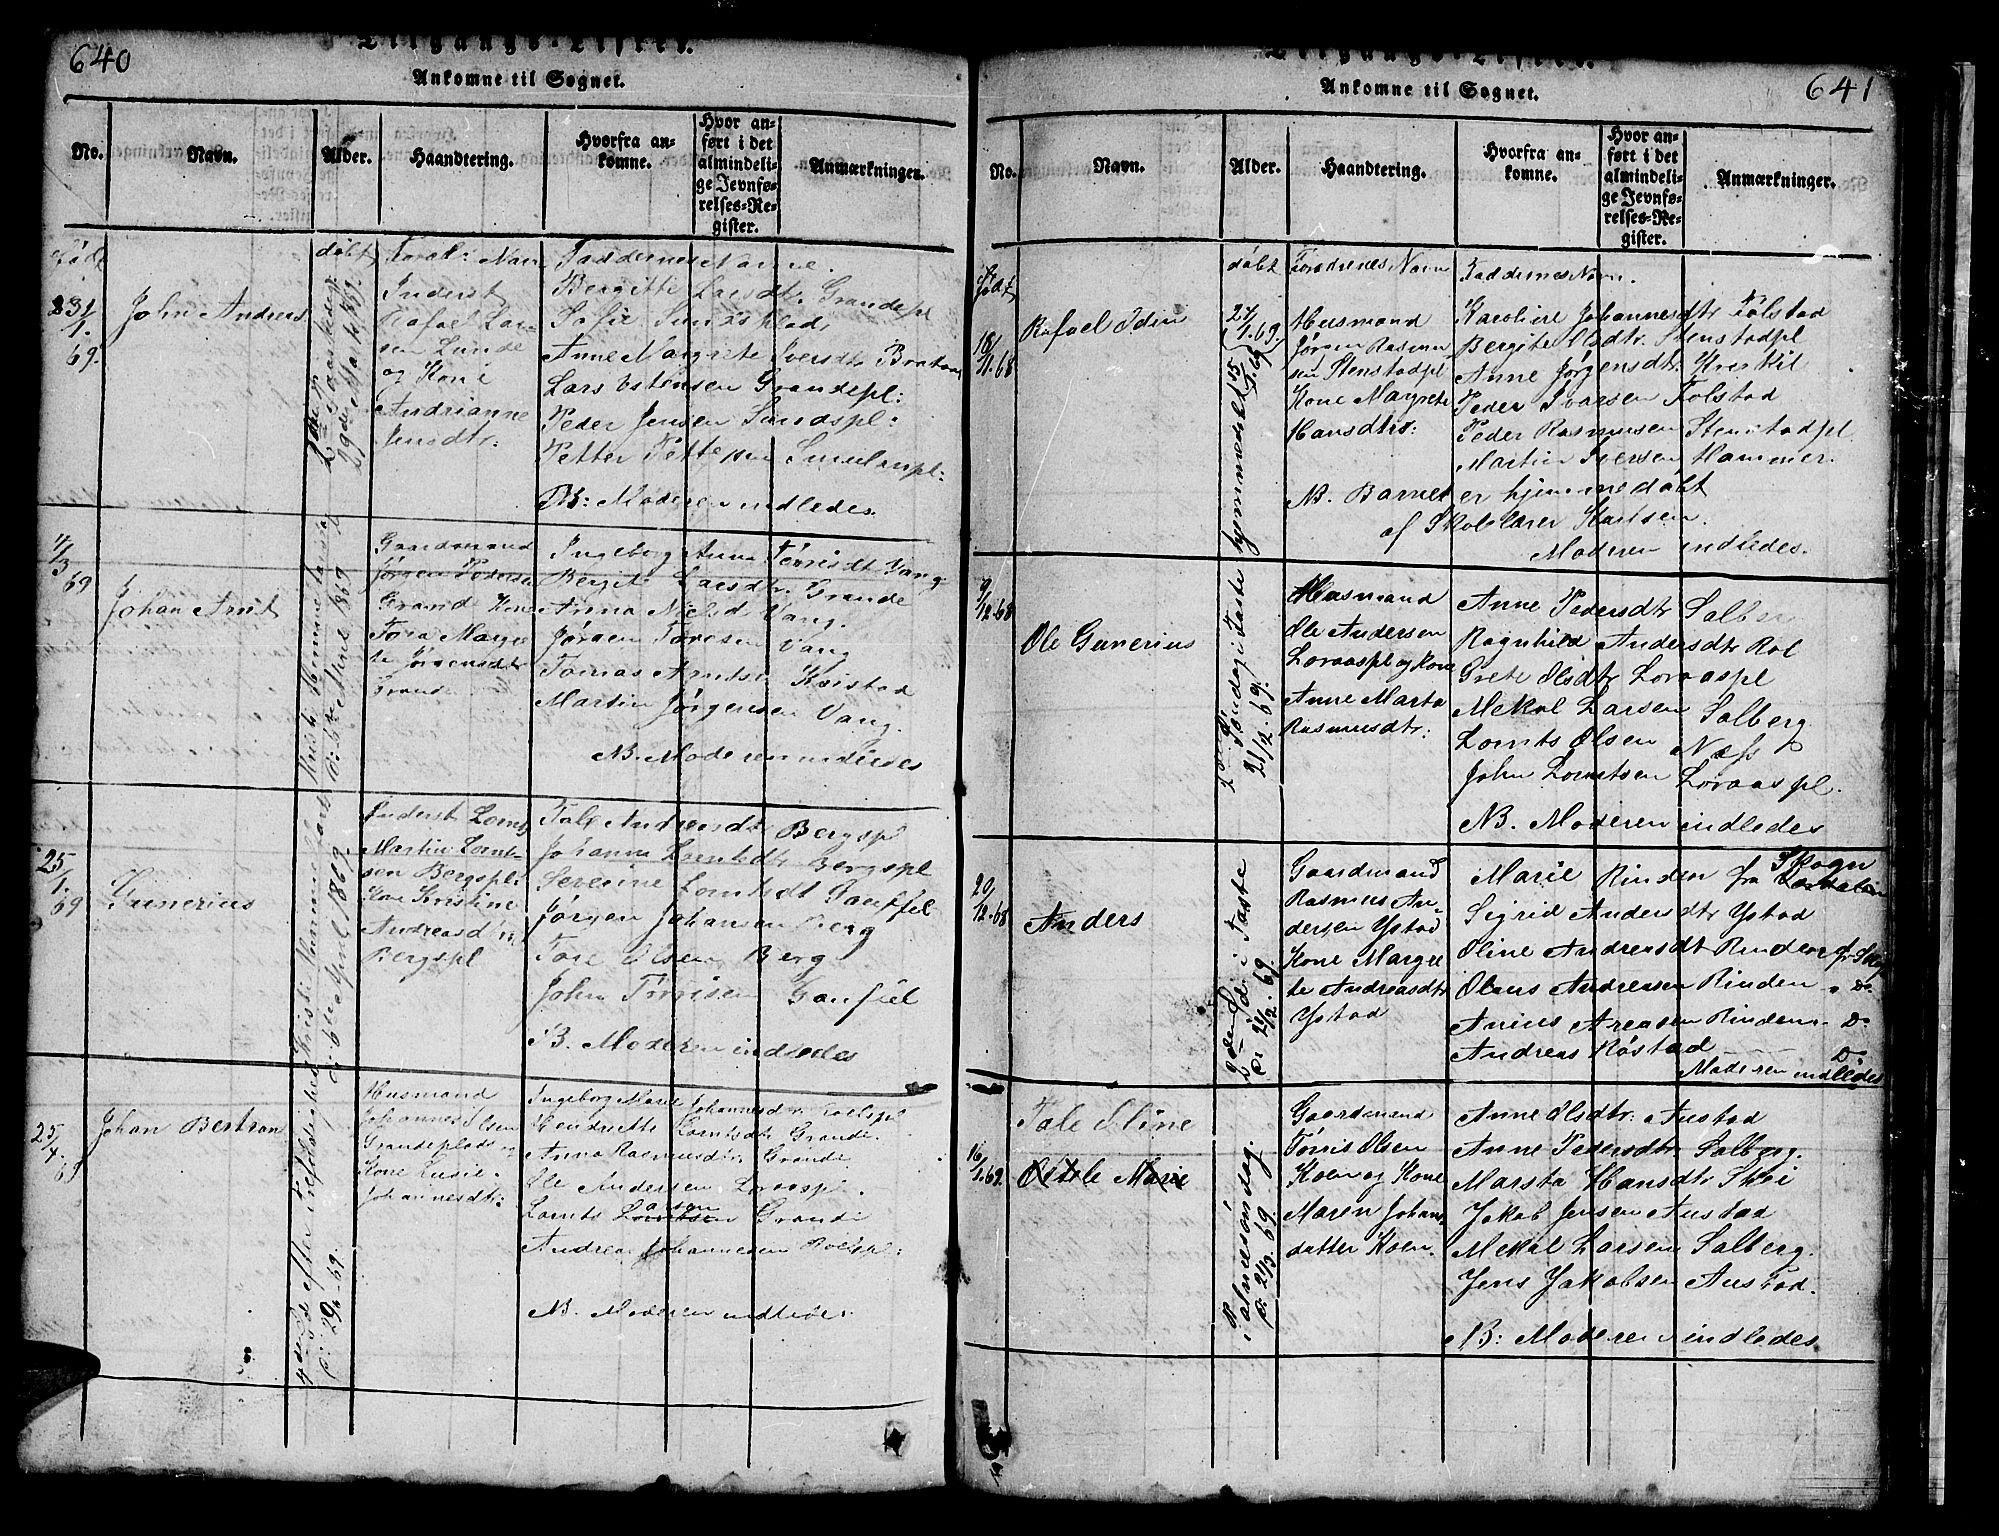 SAT, Ministerialprotokoller, klokkerbøker og fødselsregistre - Nord-Trøndelag, 731/L0310: Klokkerbok nr. 731C01, 1816-1874, s. 640-641